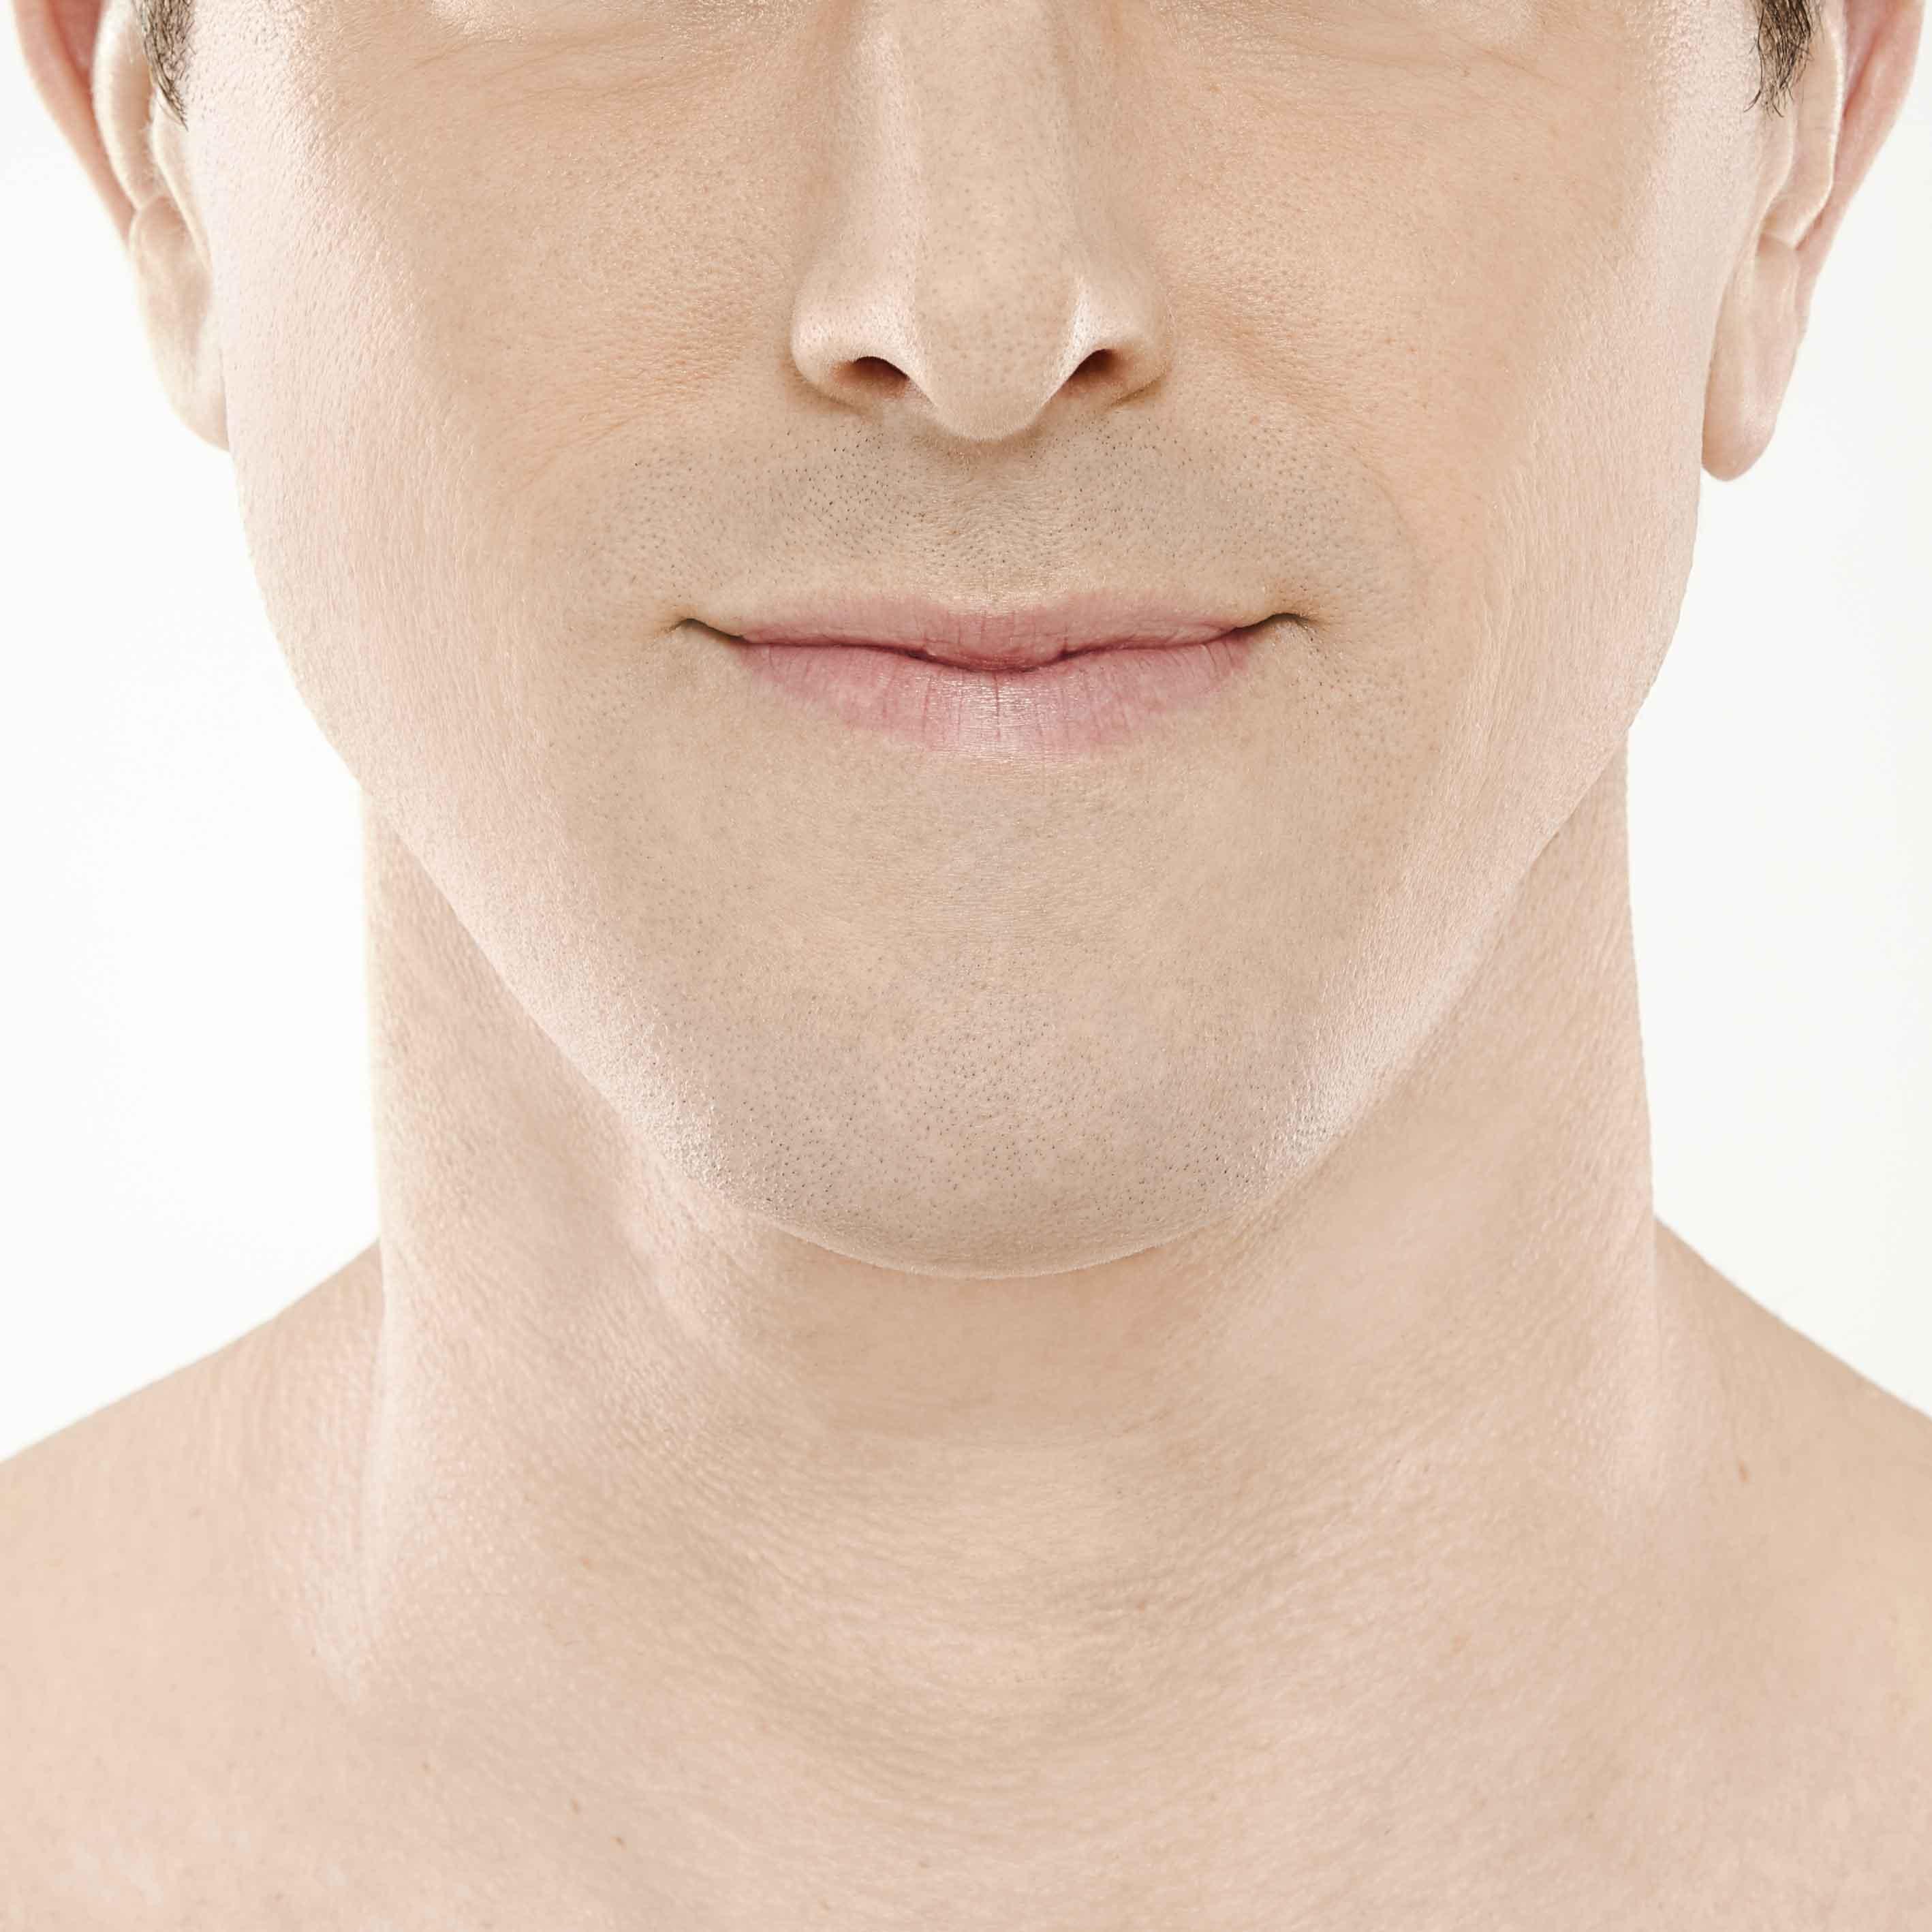 5-7 Shaves Per Week